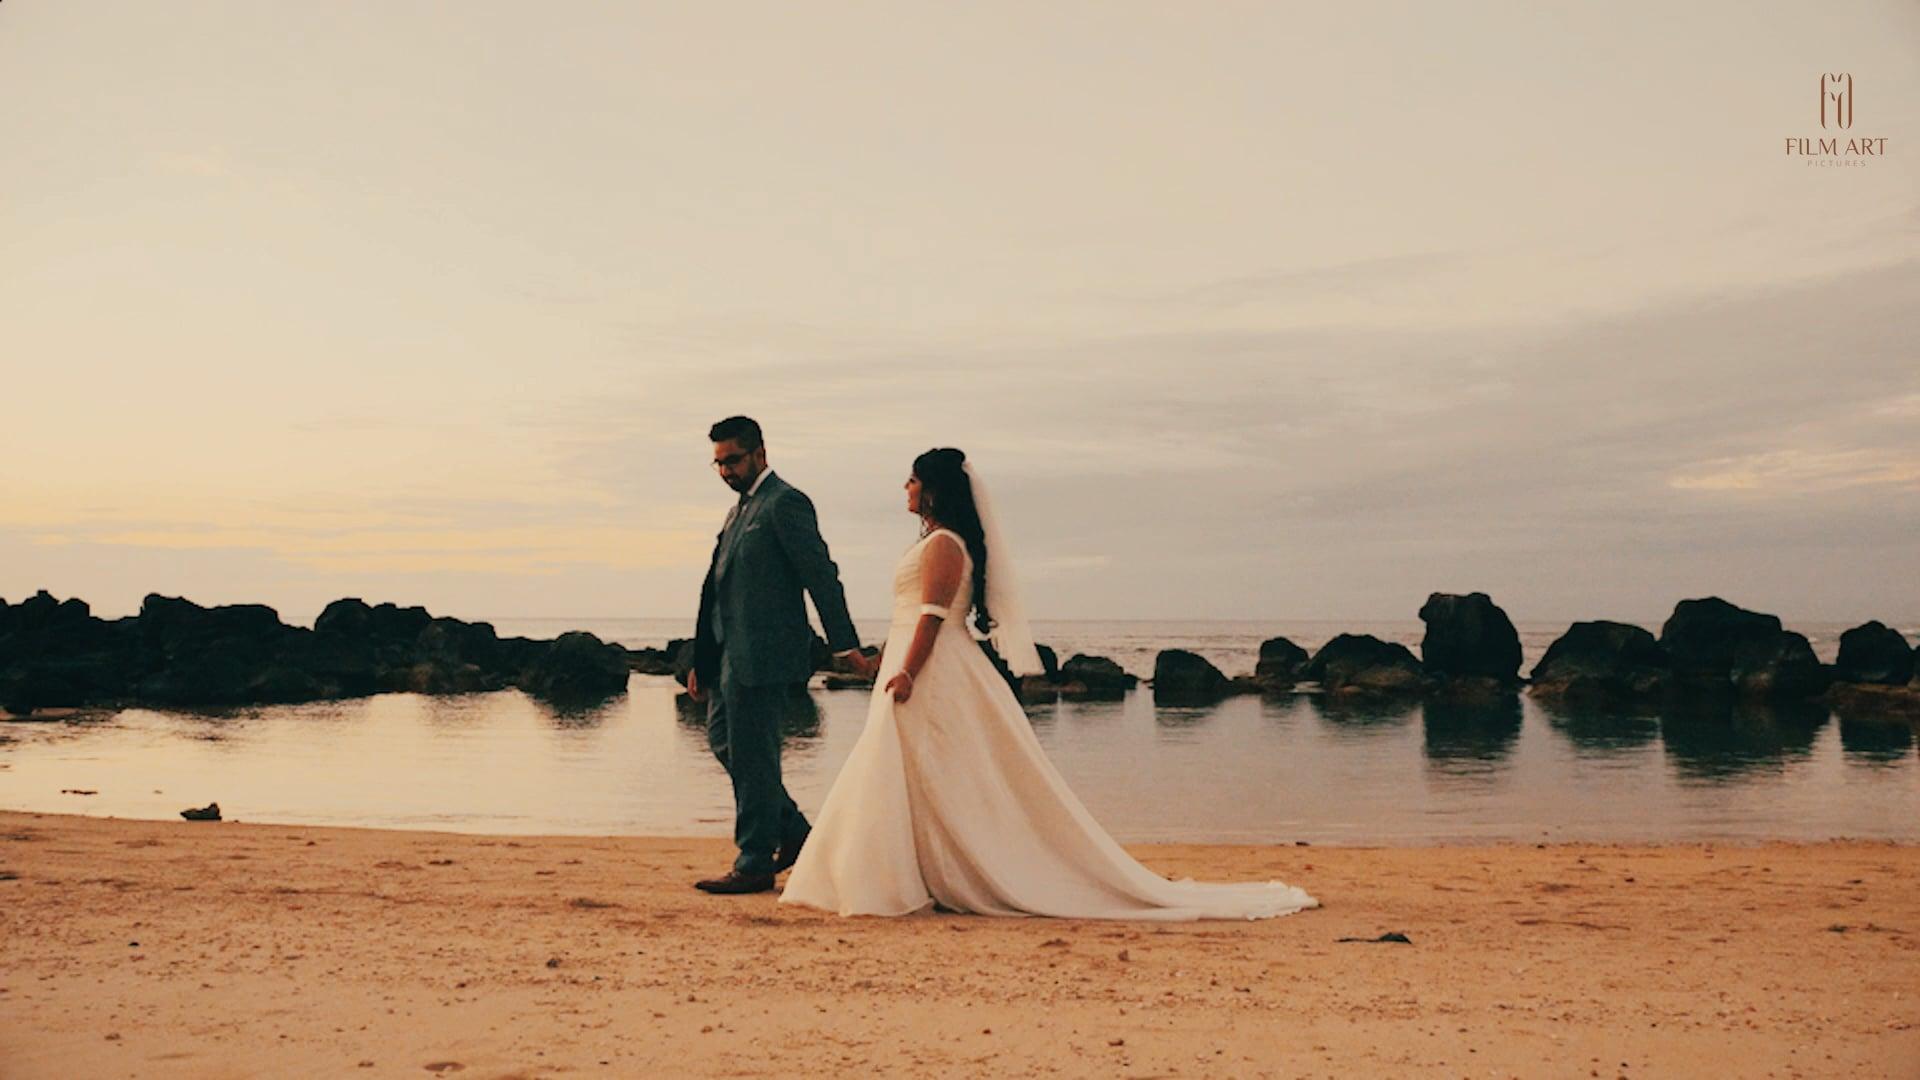 The Mauritius Wedding | Film Art Pictures